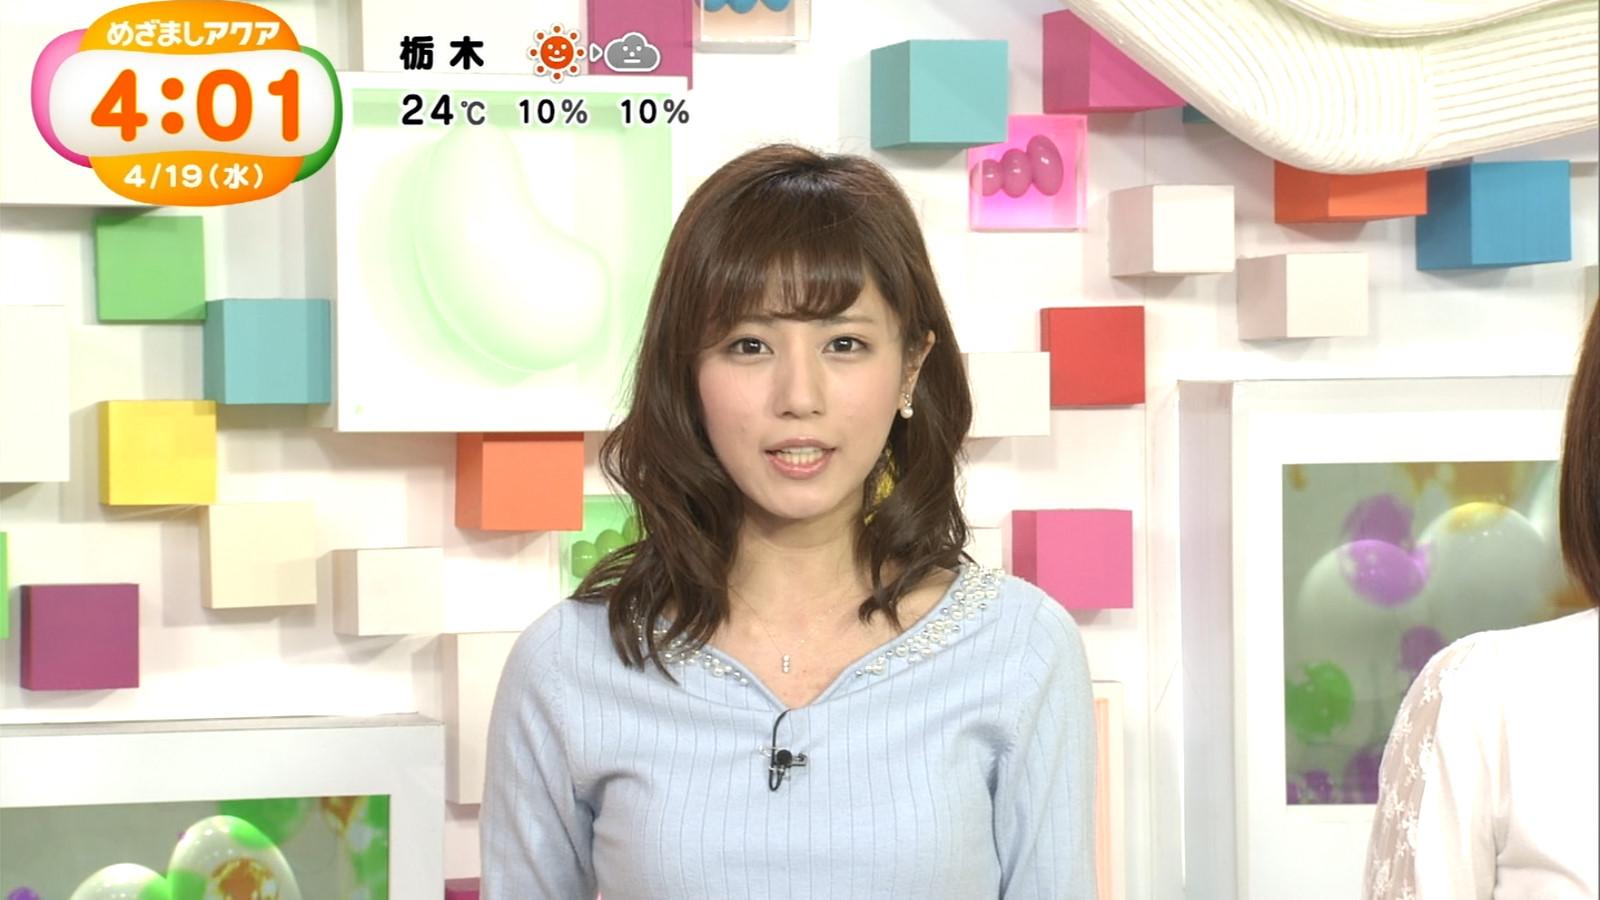 堤礼実 - 女子アナwiki